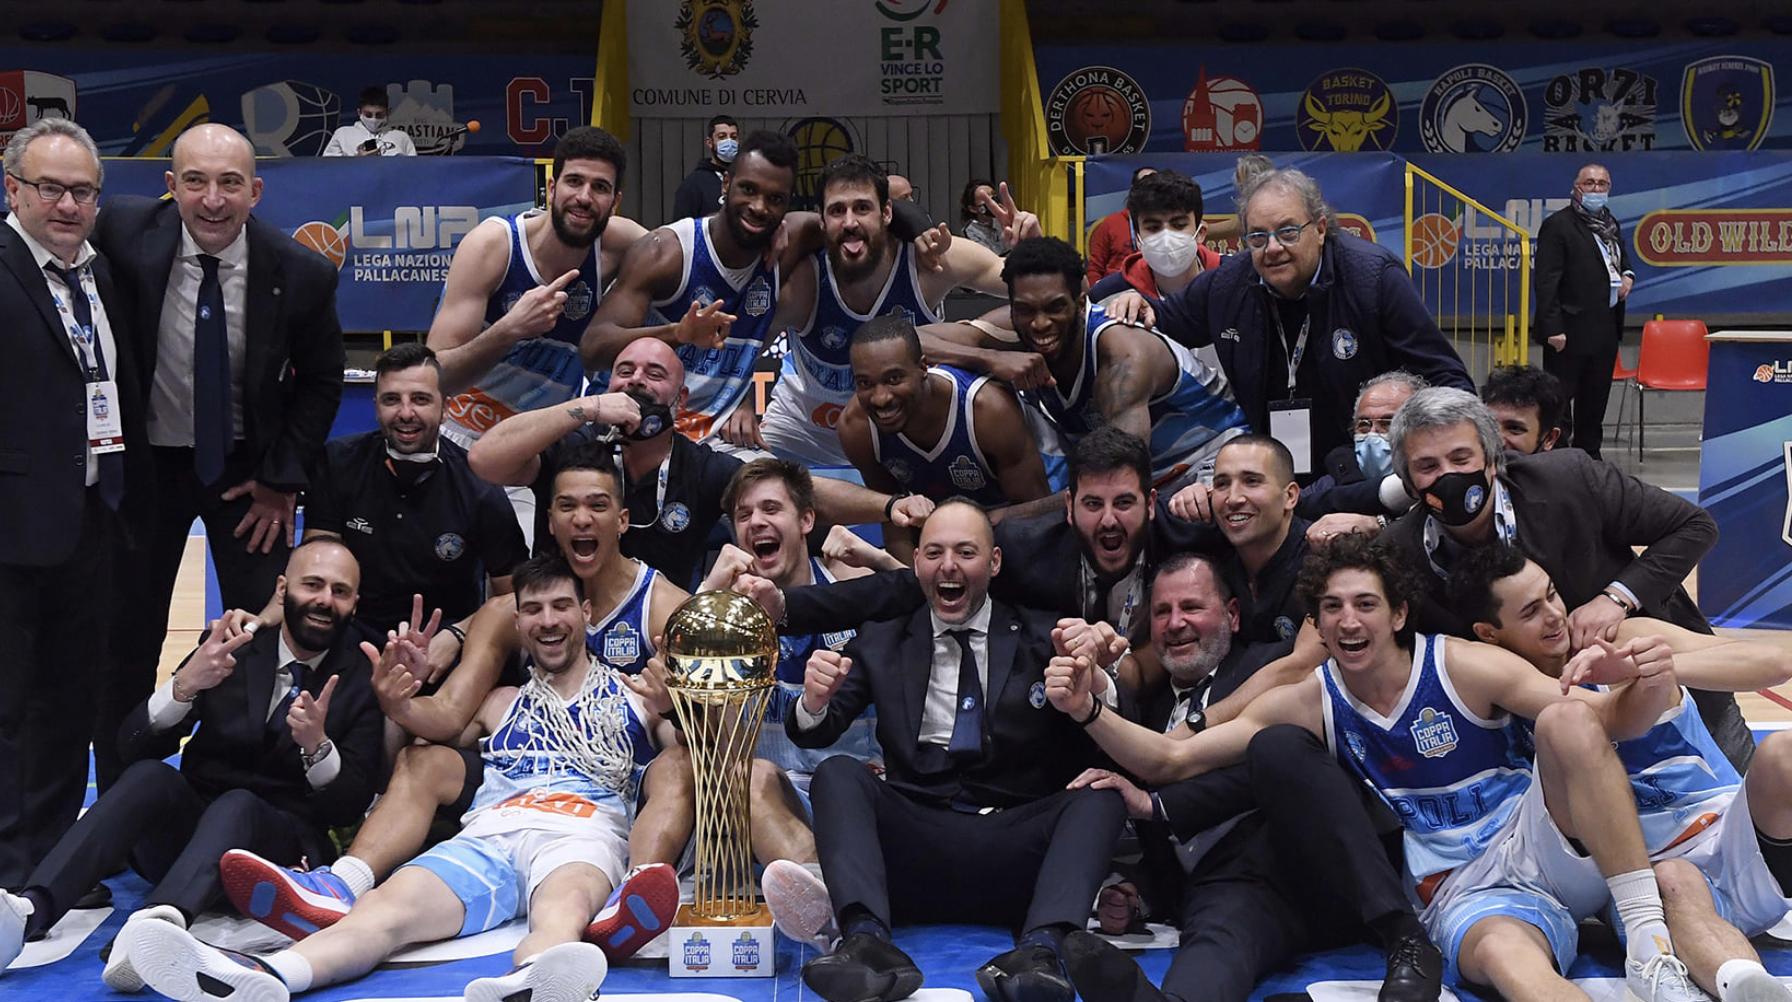 Basket - Gevi Napoli vince Coppa Italia di Serie A2